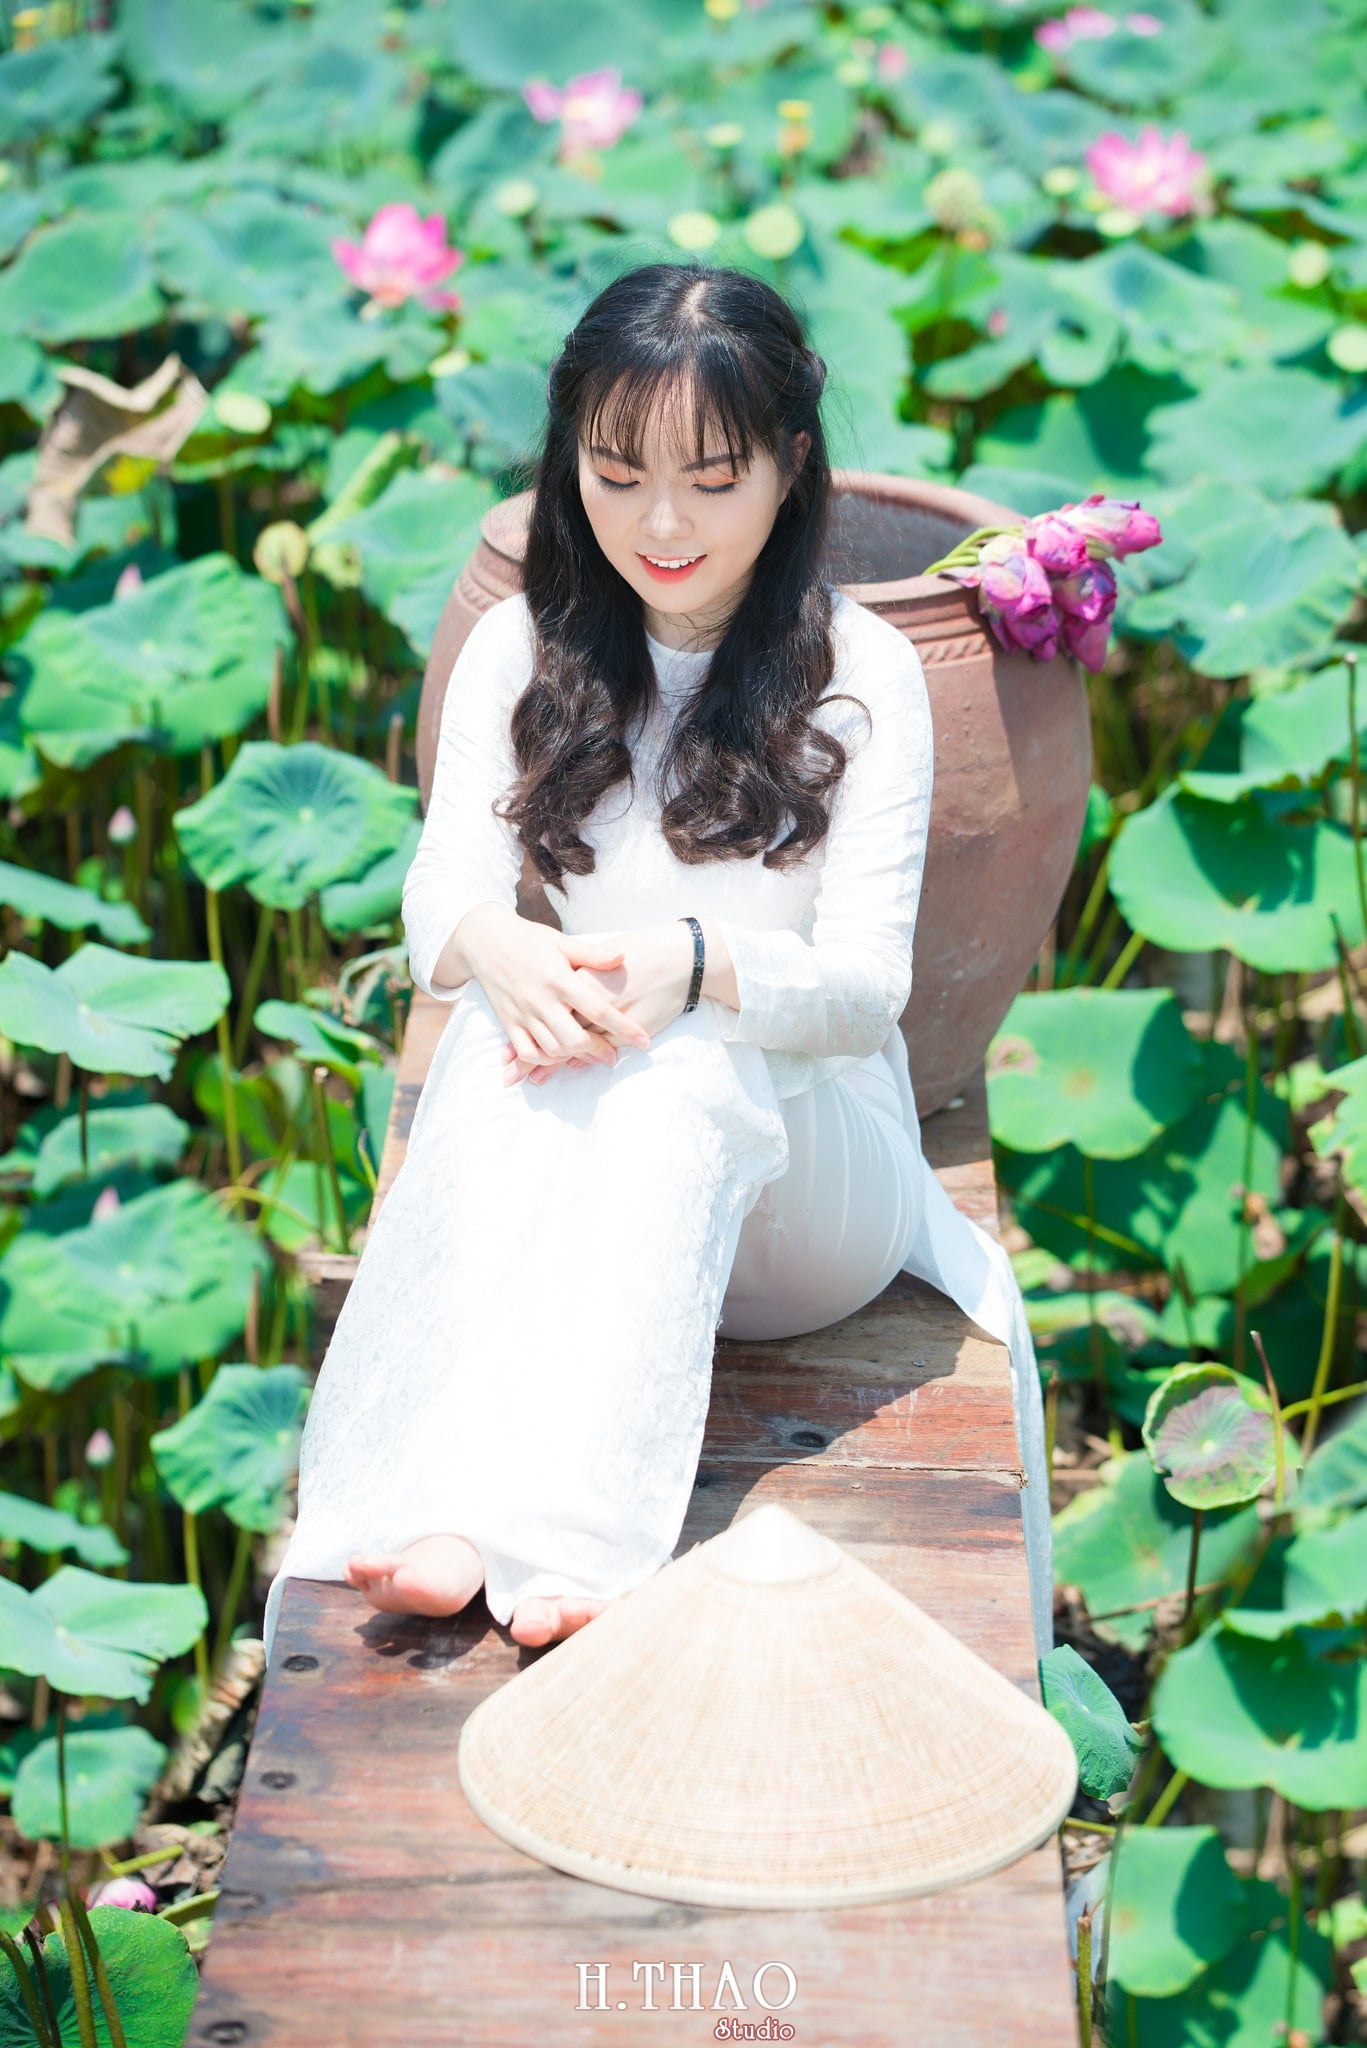 nh áo dài hoa sen 36 - Góc ảnh thiếu nữ áo dài bên hoa sen đẹp tinh khôi- HThao Studio